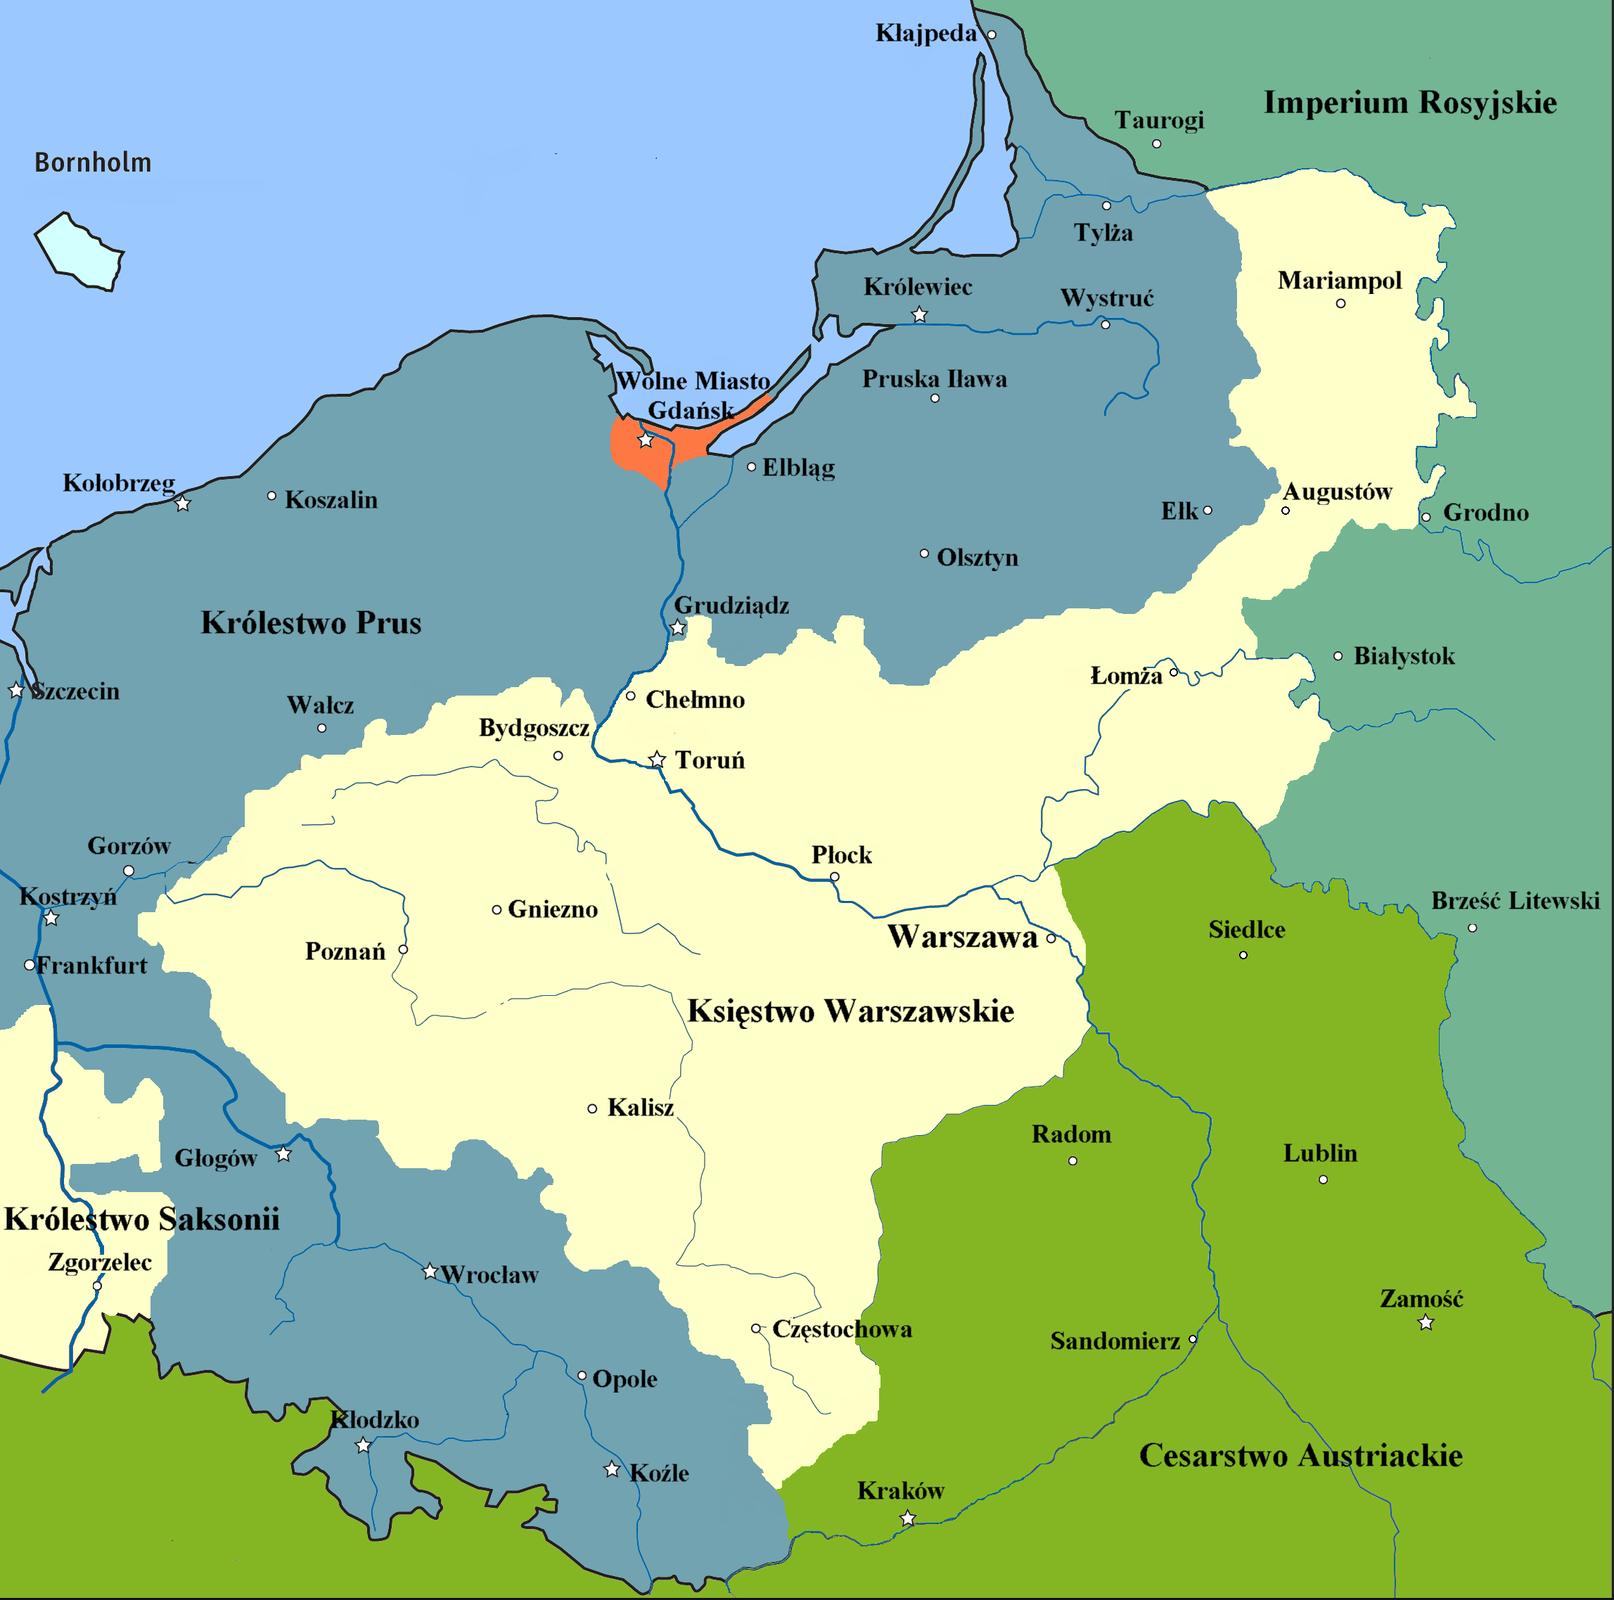 Księstwo Warszawskie Źródło: Mathiasrex, Księstwo Warszawskie, licencja: CC BY 3.0.